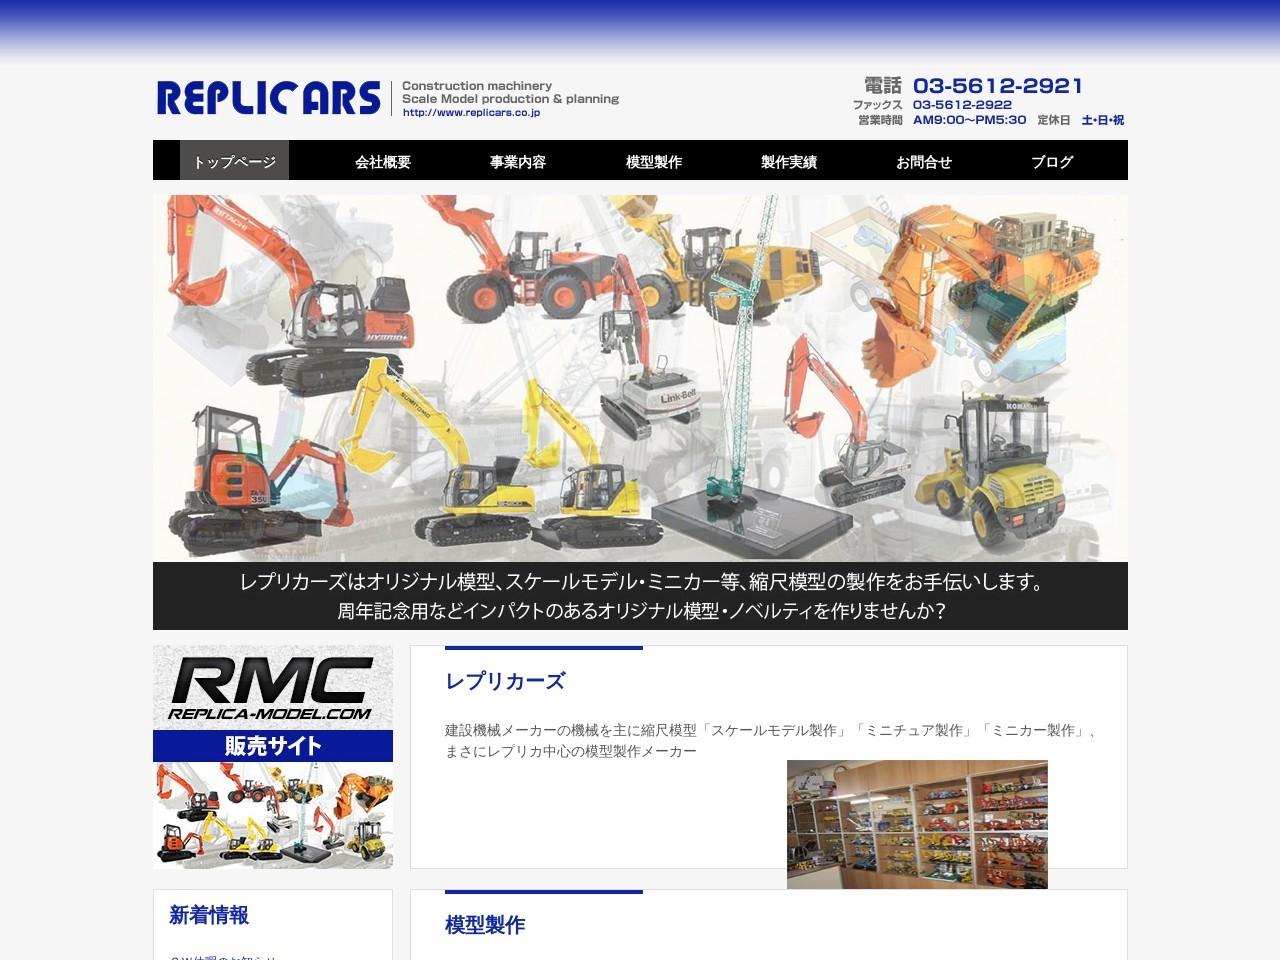 模型製作 REPLICARS 東京都 | 模型製作・ミニカー製作